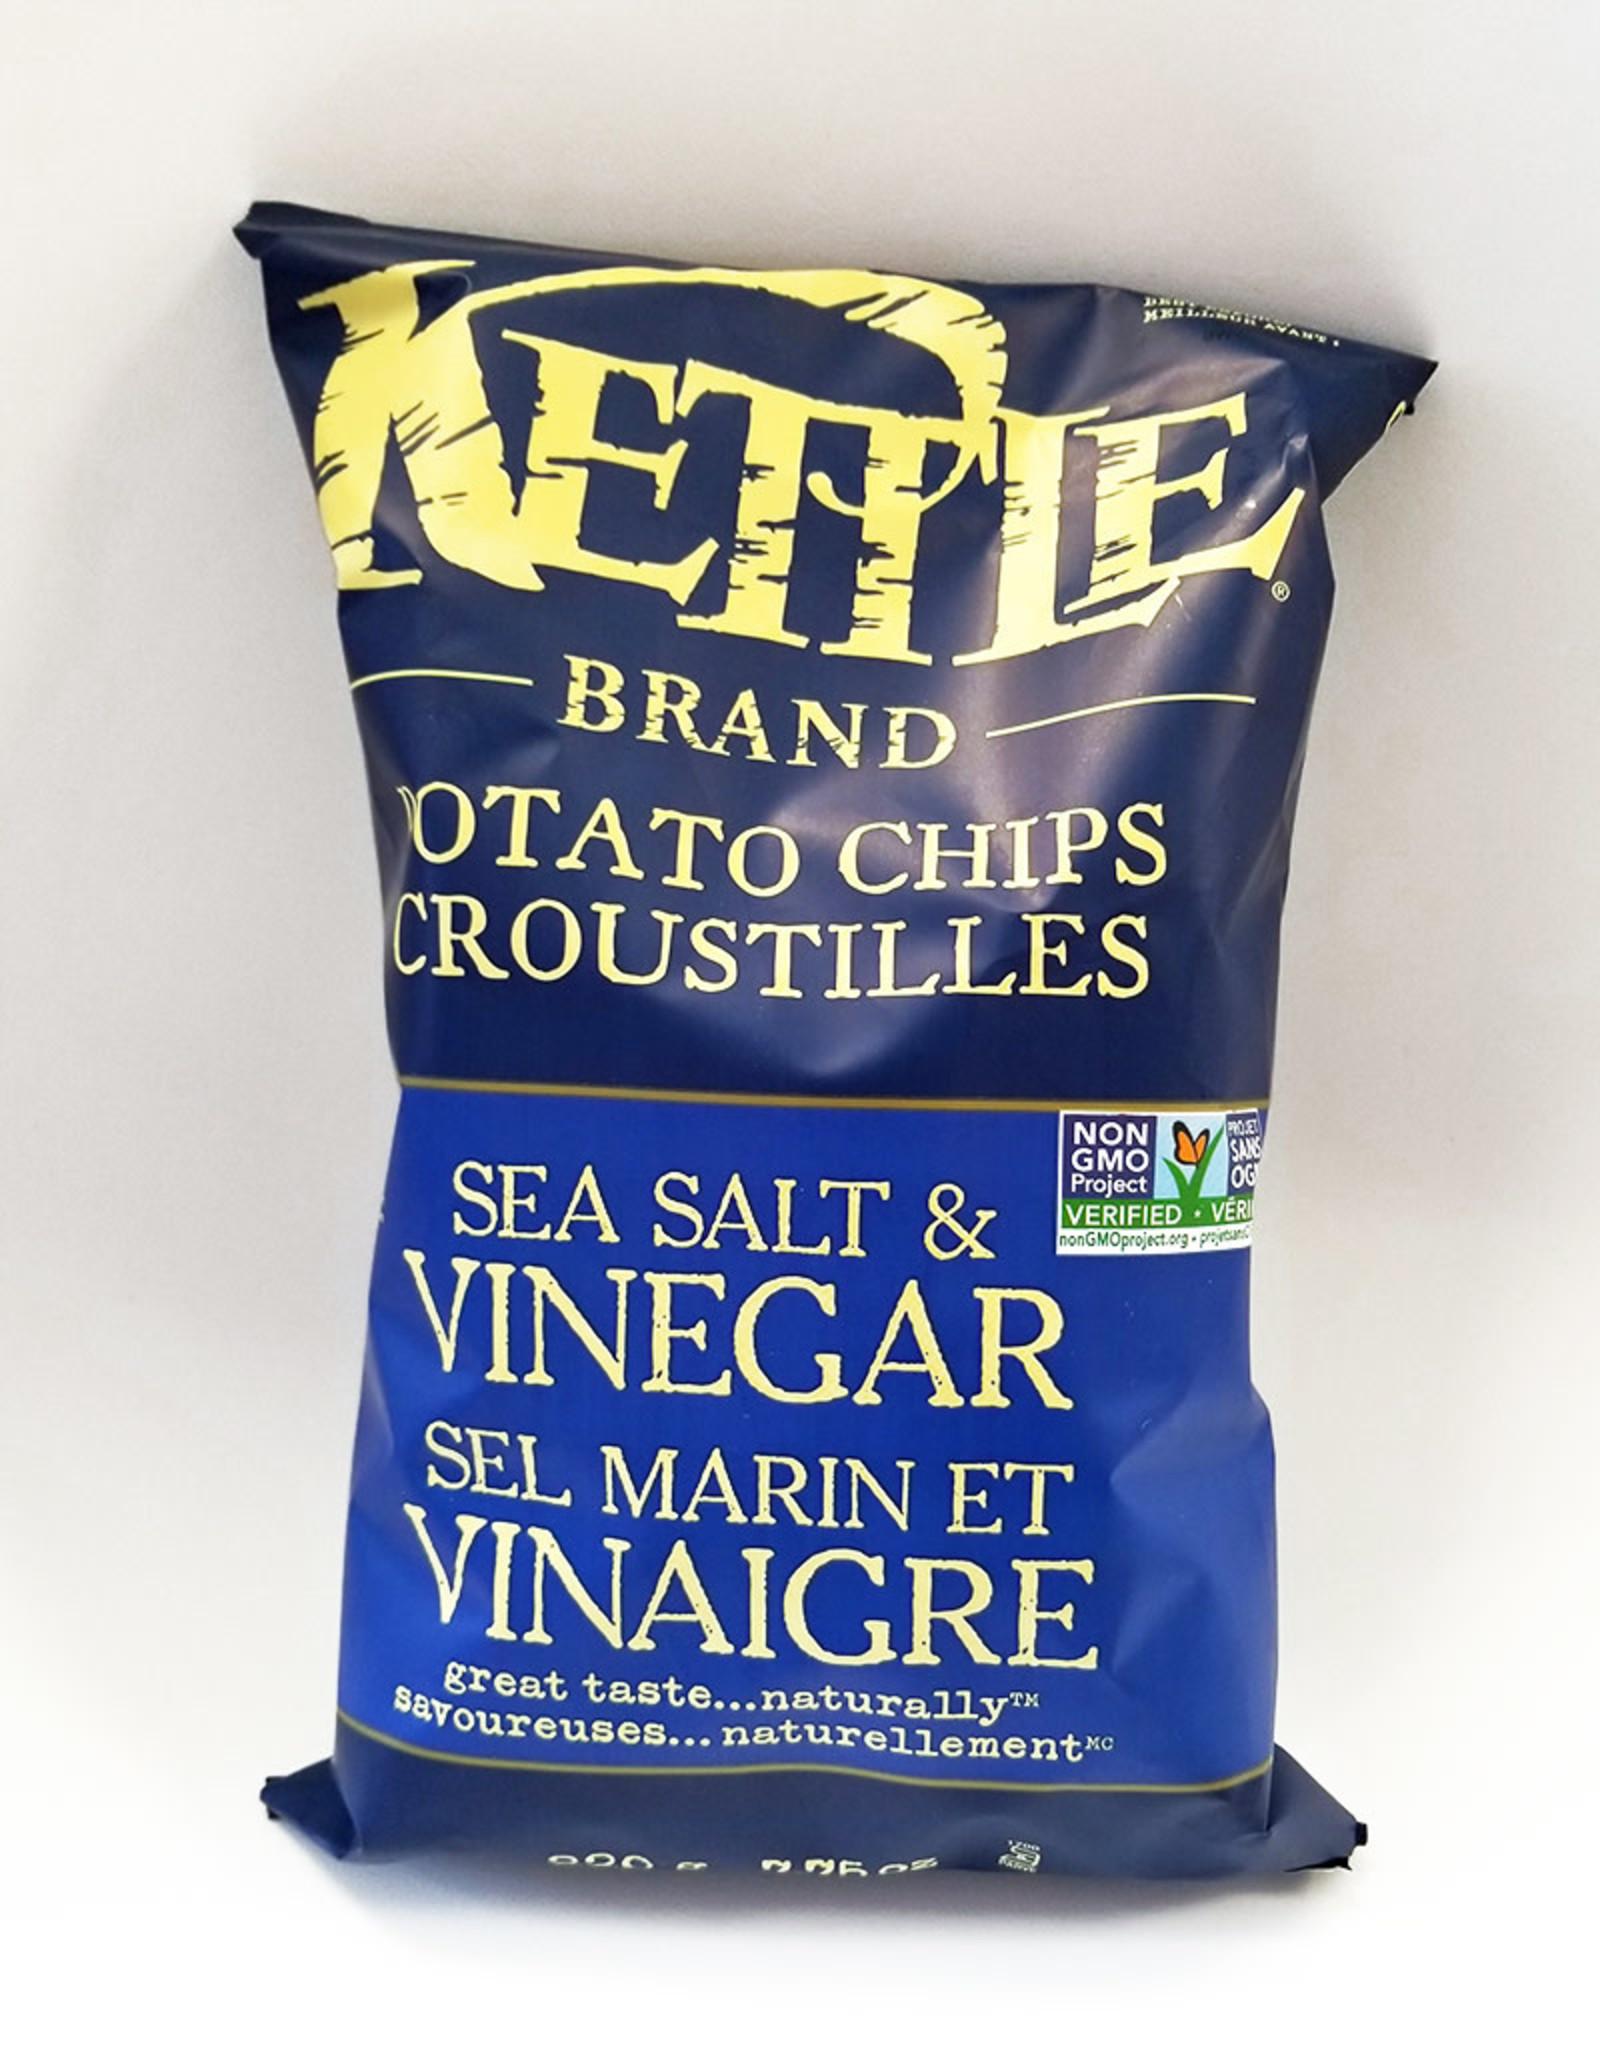 Kettle Kettle Brand - Potato Chips, Sea Salt and Vinegar (220g)